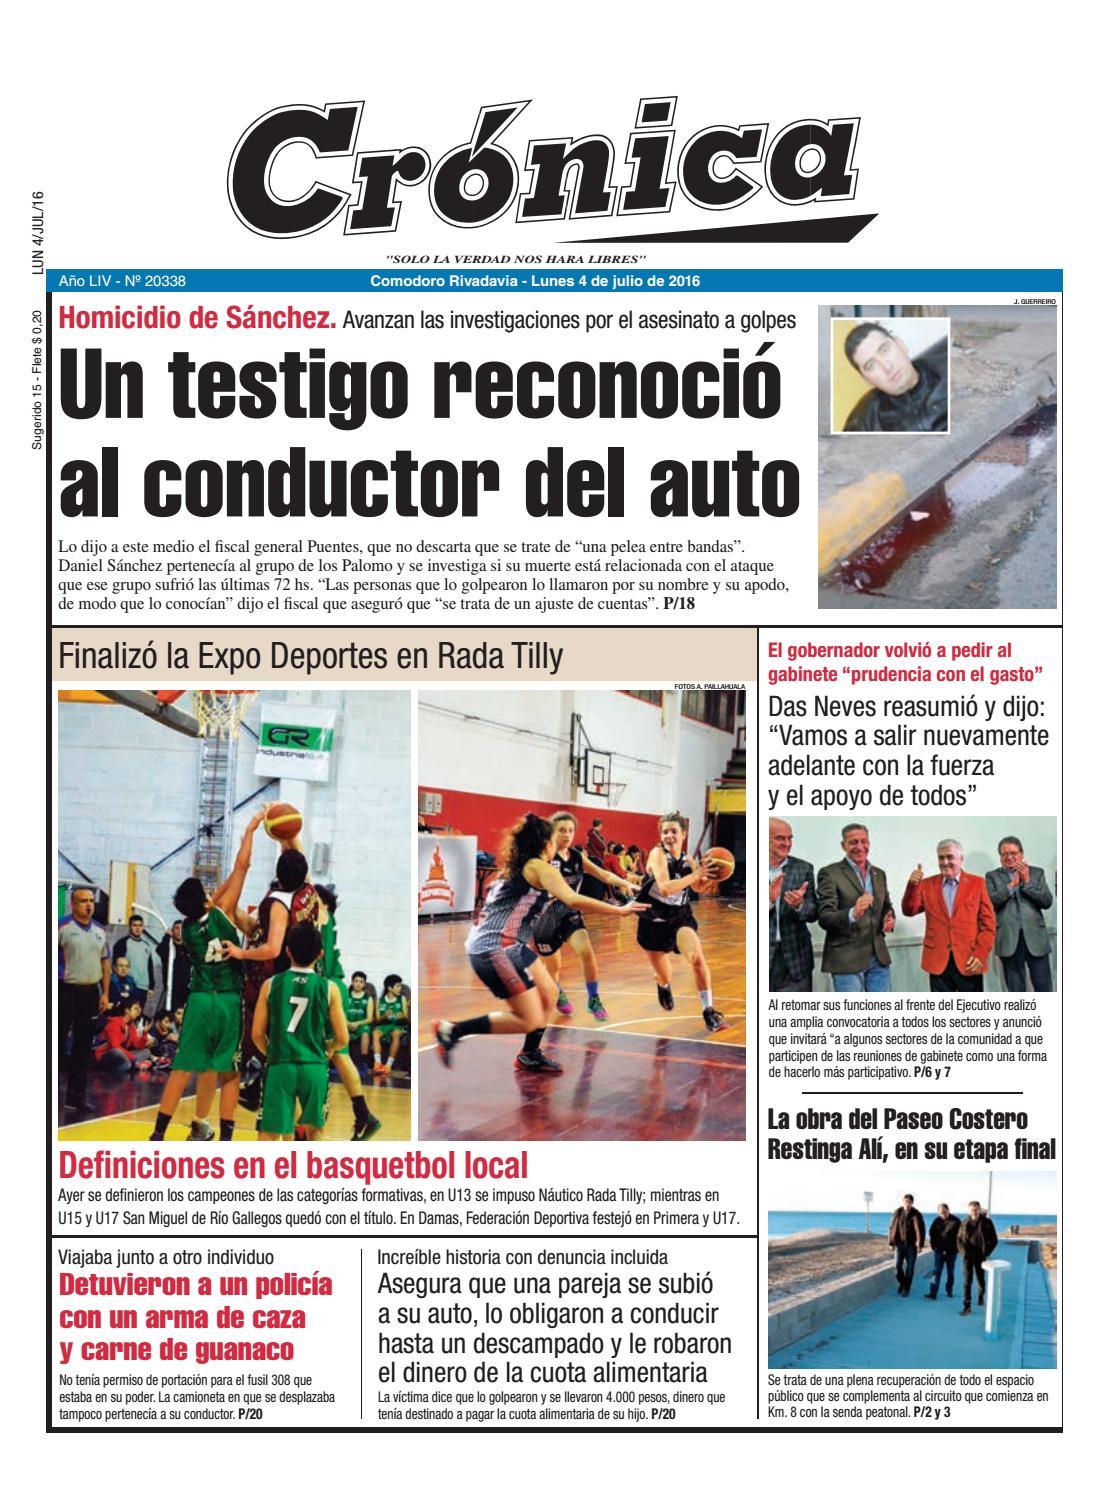 92ffedd11a4d0f2f8ddd7f59489a597d by Diario Crónica - issuu